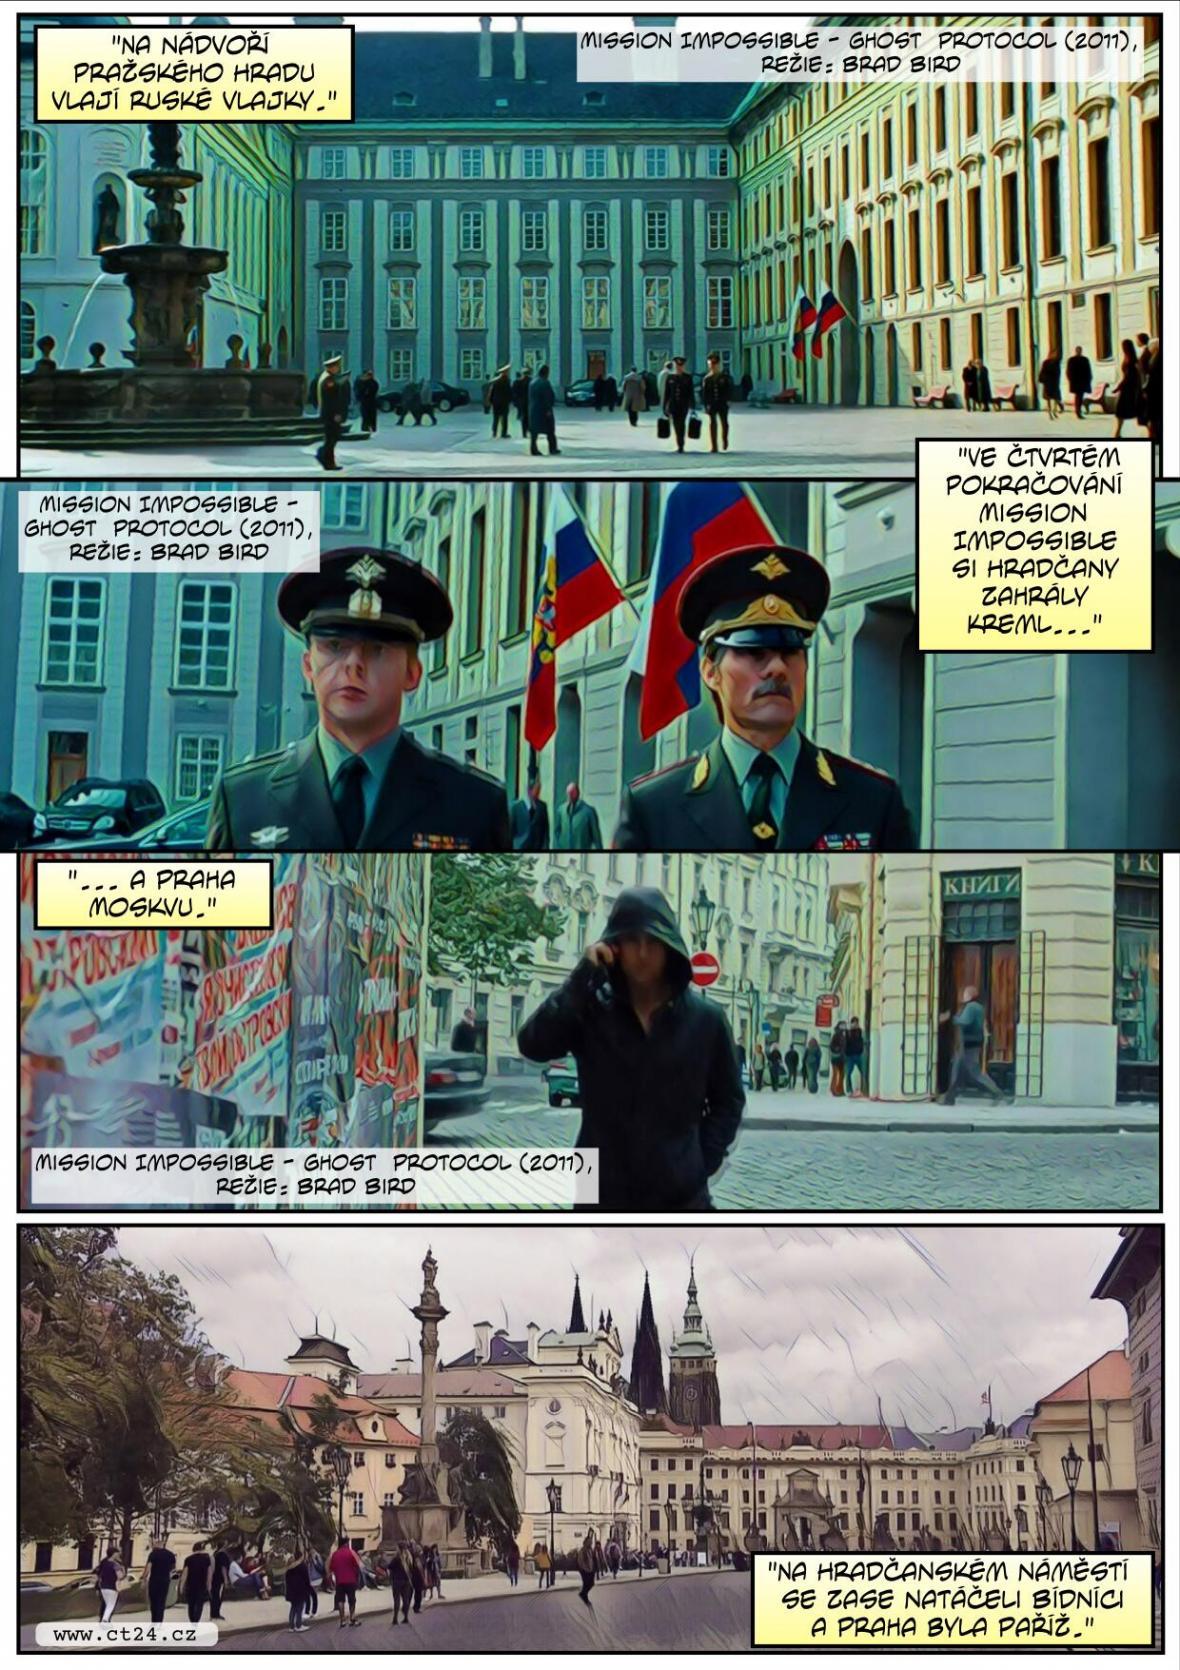 Praha platí filmařům za to, že vypadá jako... Praha